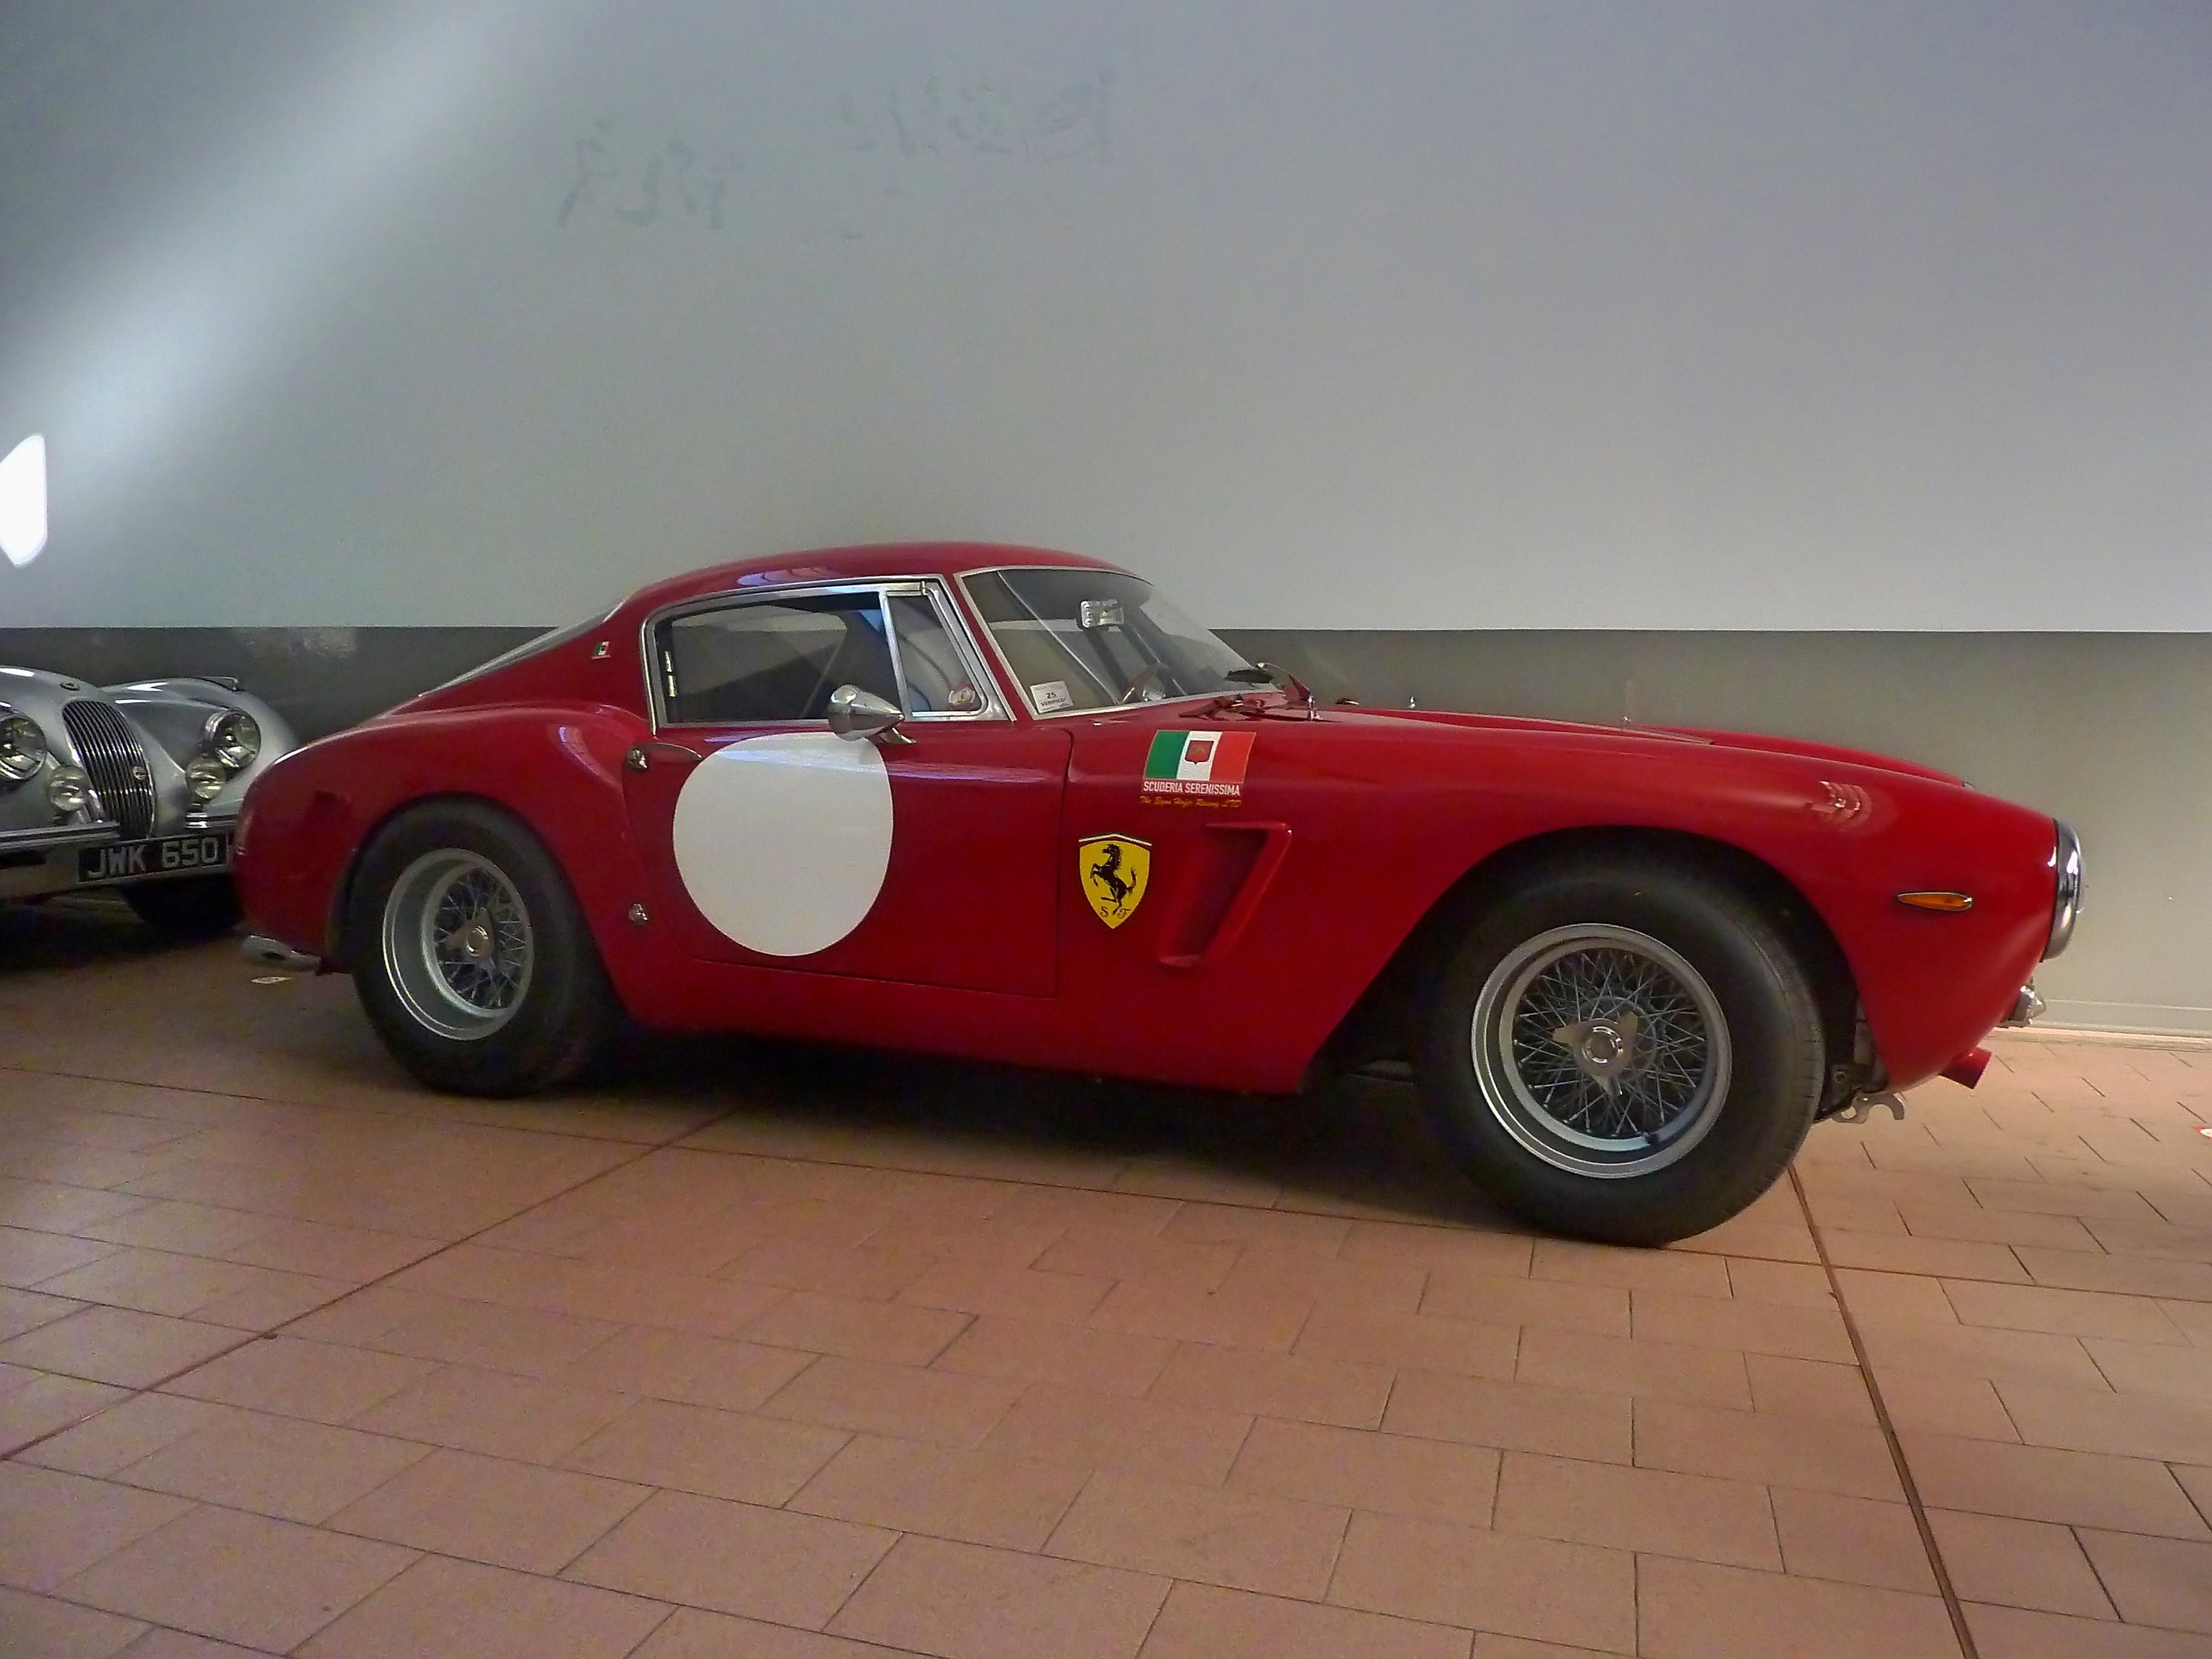 1961 Ferrari 250 GT SWB #2701 (100)_filtered